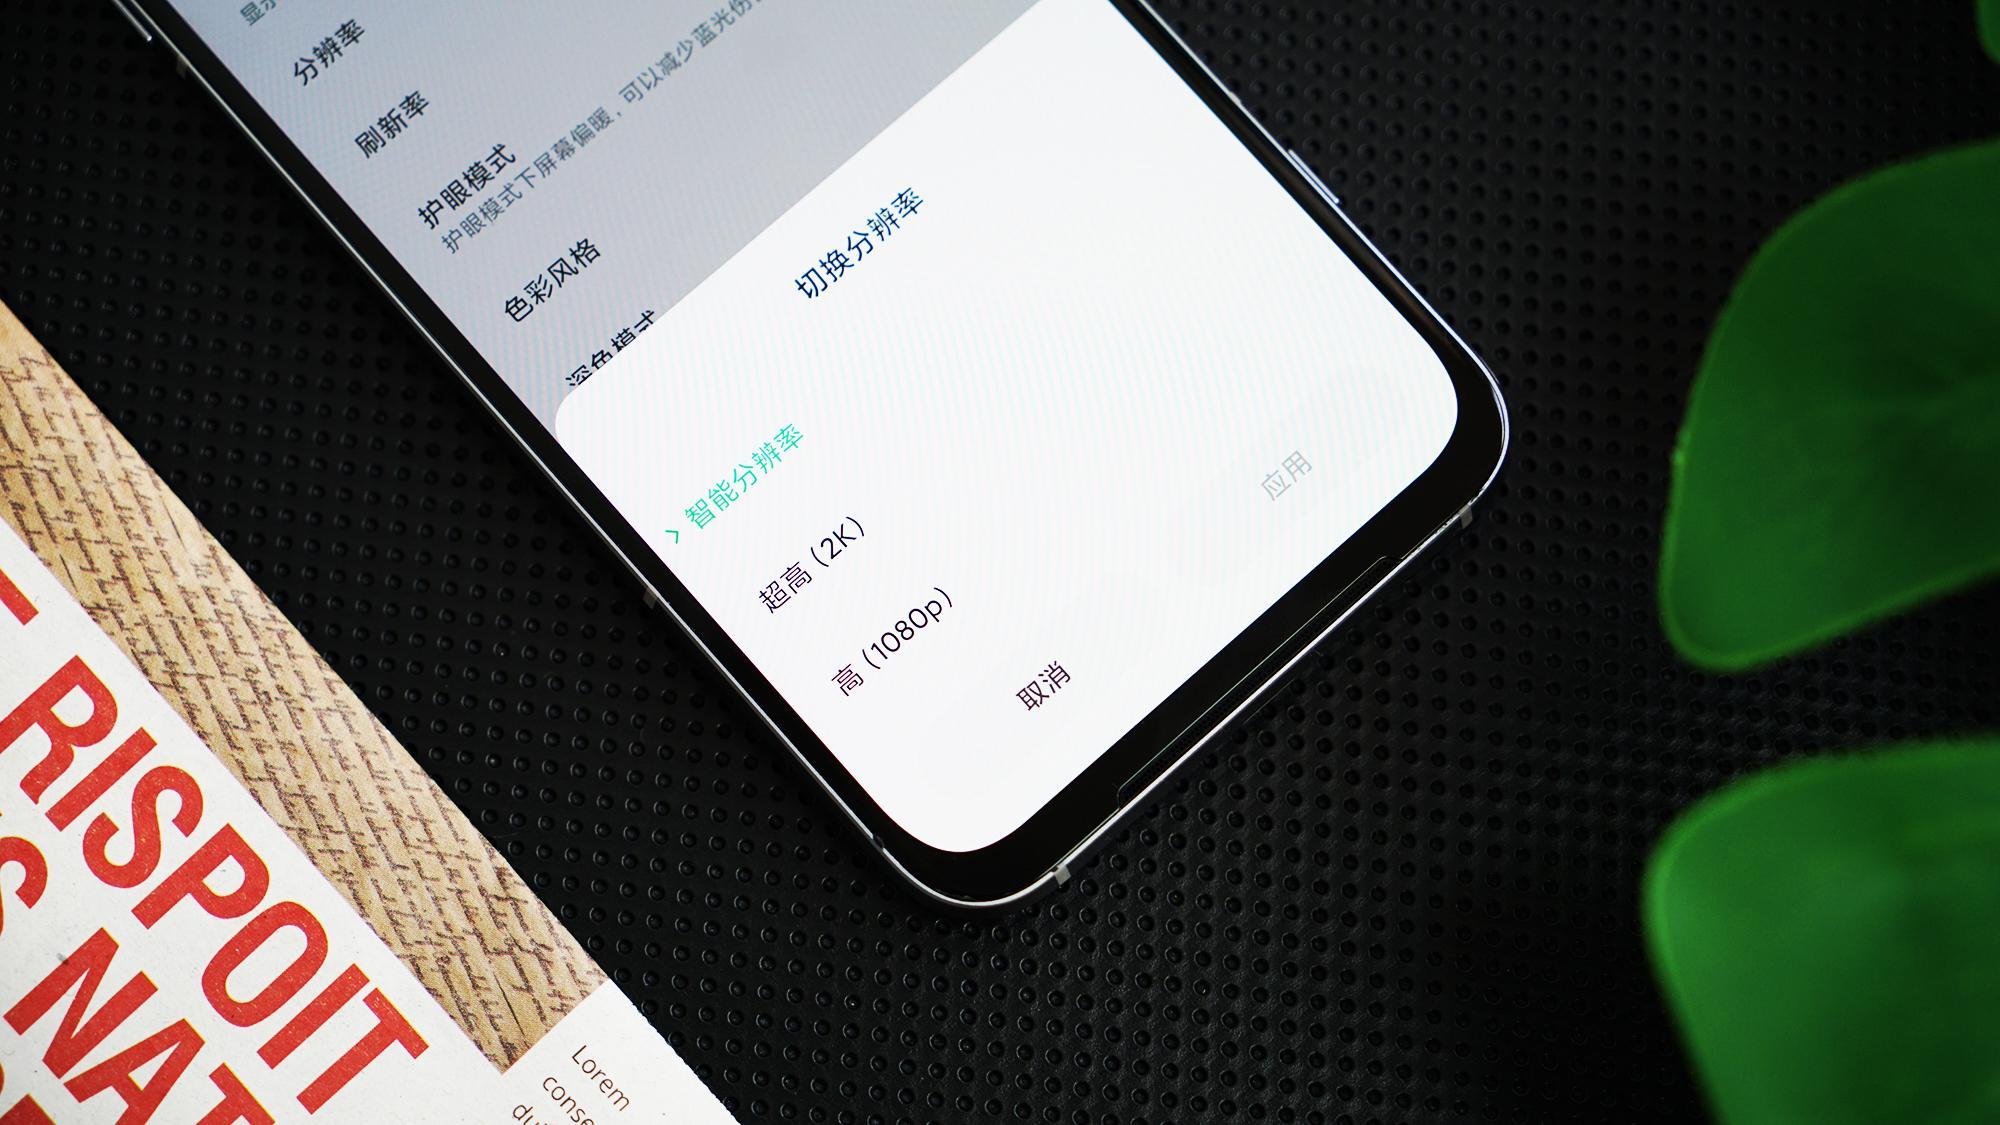 黑鲨3 Pro上手测评:岂止2K屏+高通865,2020最强游戏手机